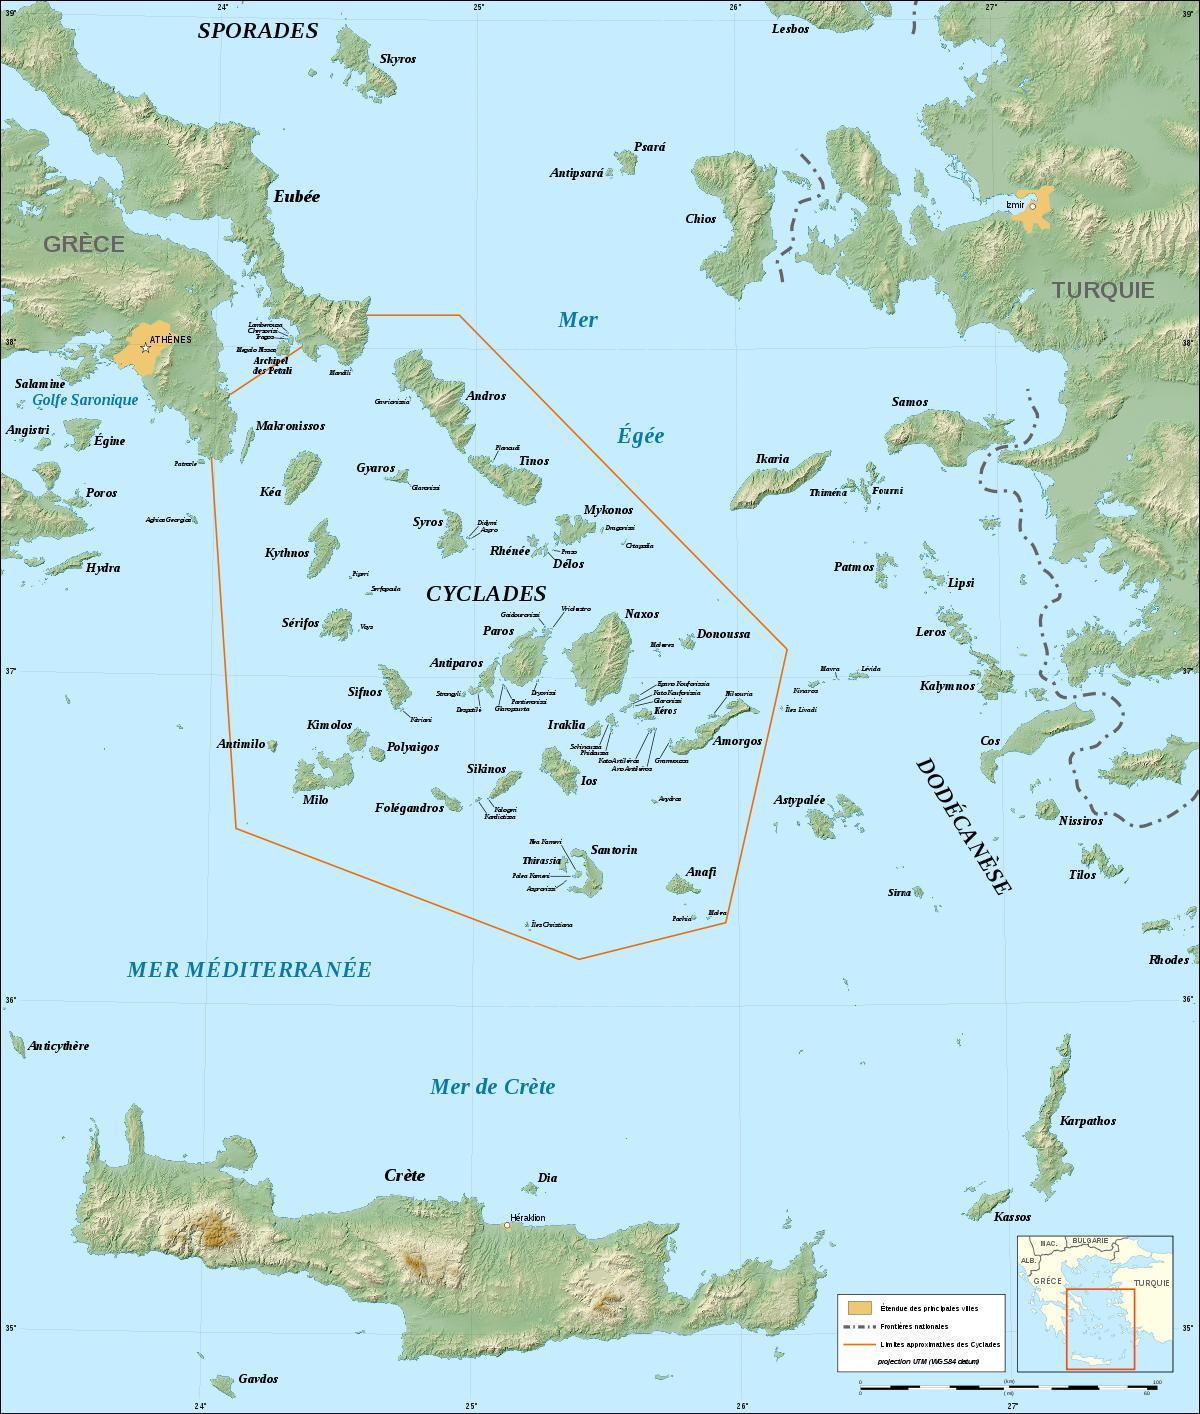 kykladene kart Greske øygruppen kykladene kart   Kart over kykladene greske øyene  kykladene kart